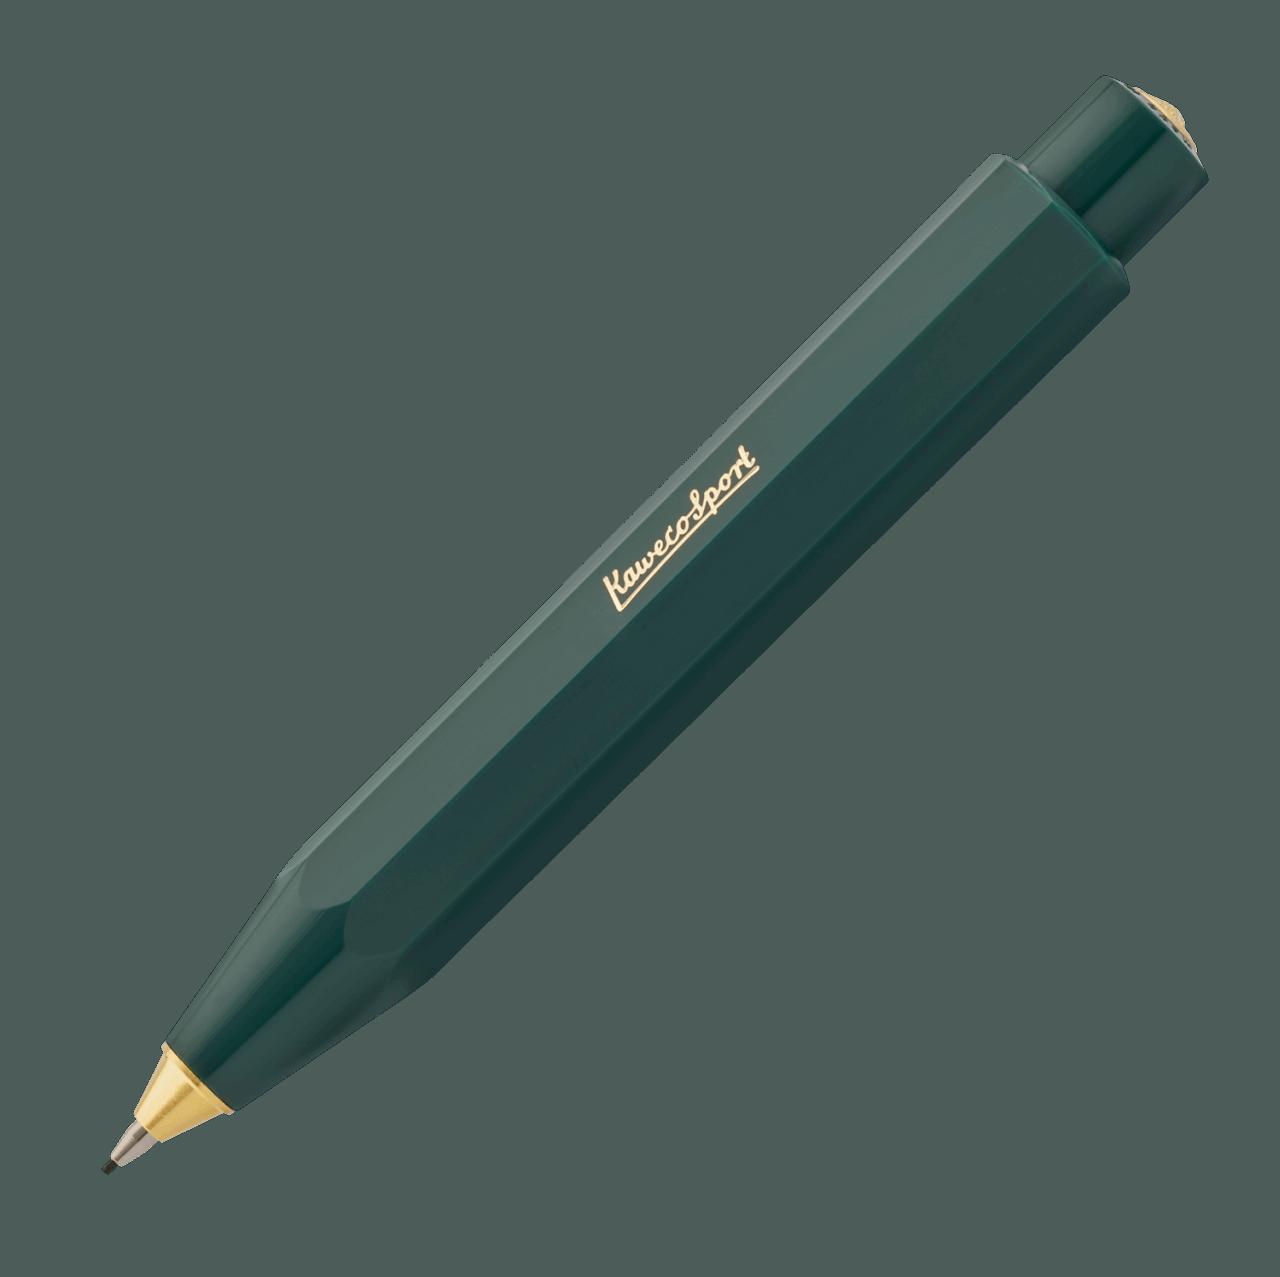 Kaweco Classic Sport Druckbleistift grün 0.7